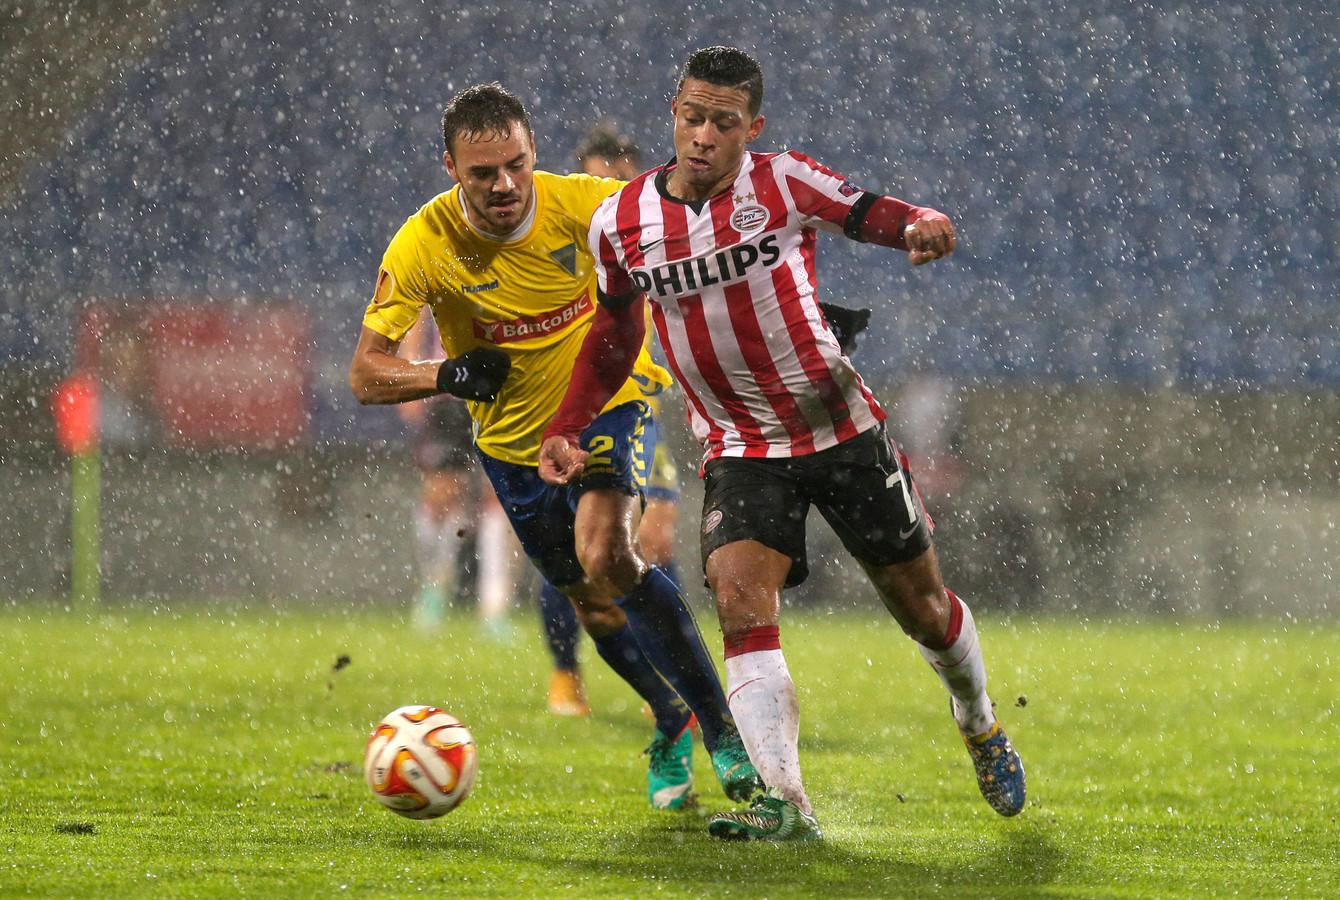 Memphis Depay namens PSV in actie tegen Estoril in de Europa League op 27 november 2014.